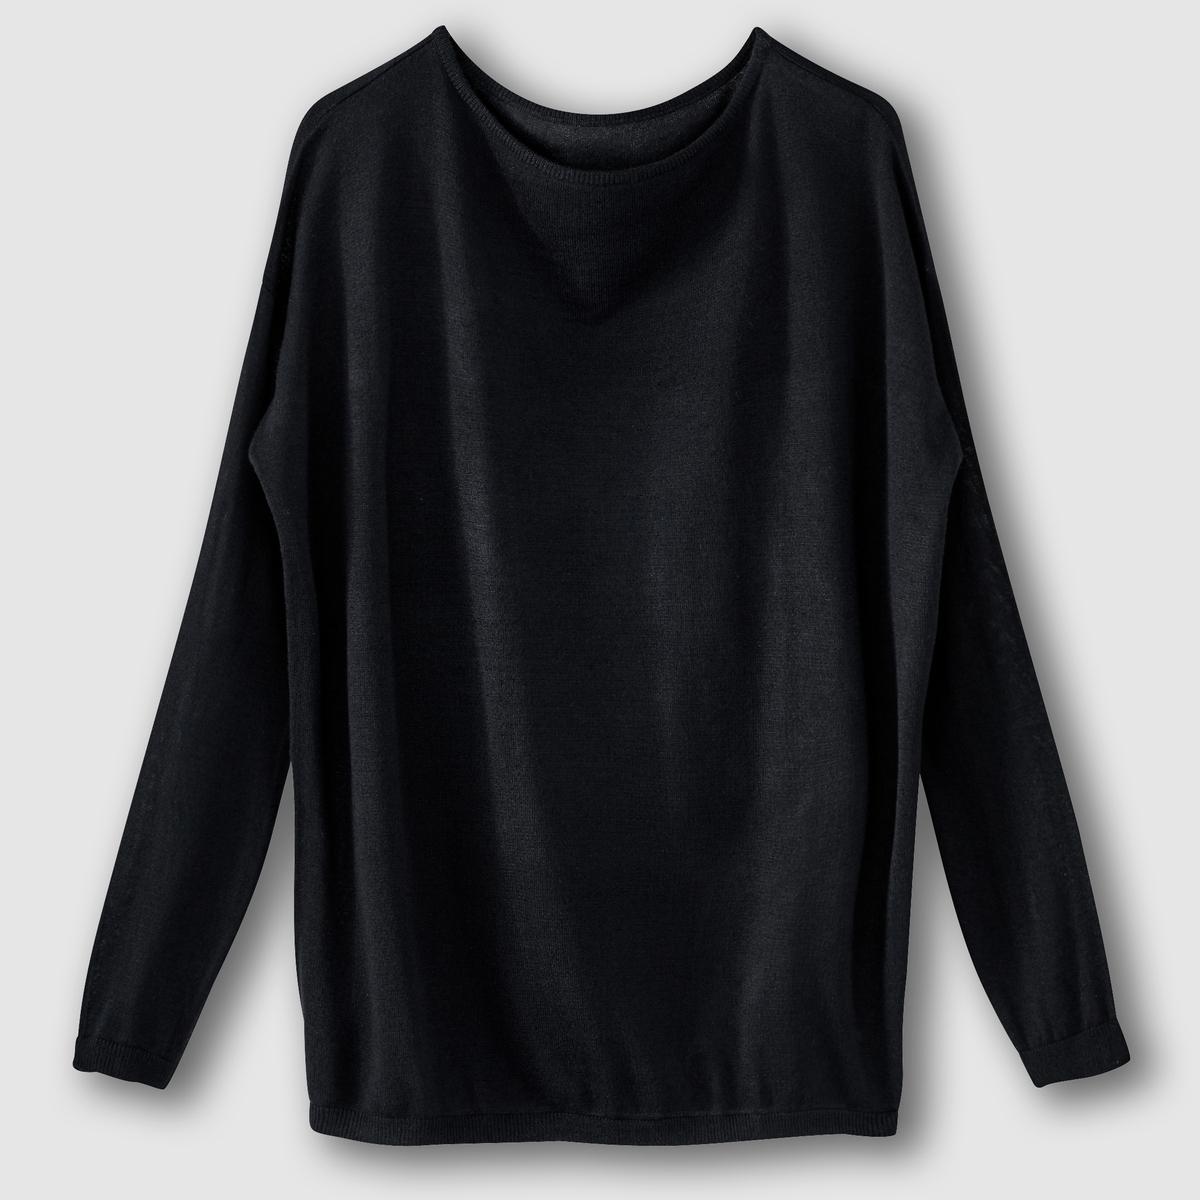 Пуловер свободного покроя из тонкого струящегося трикотажа